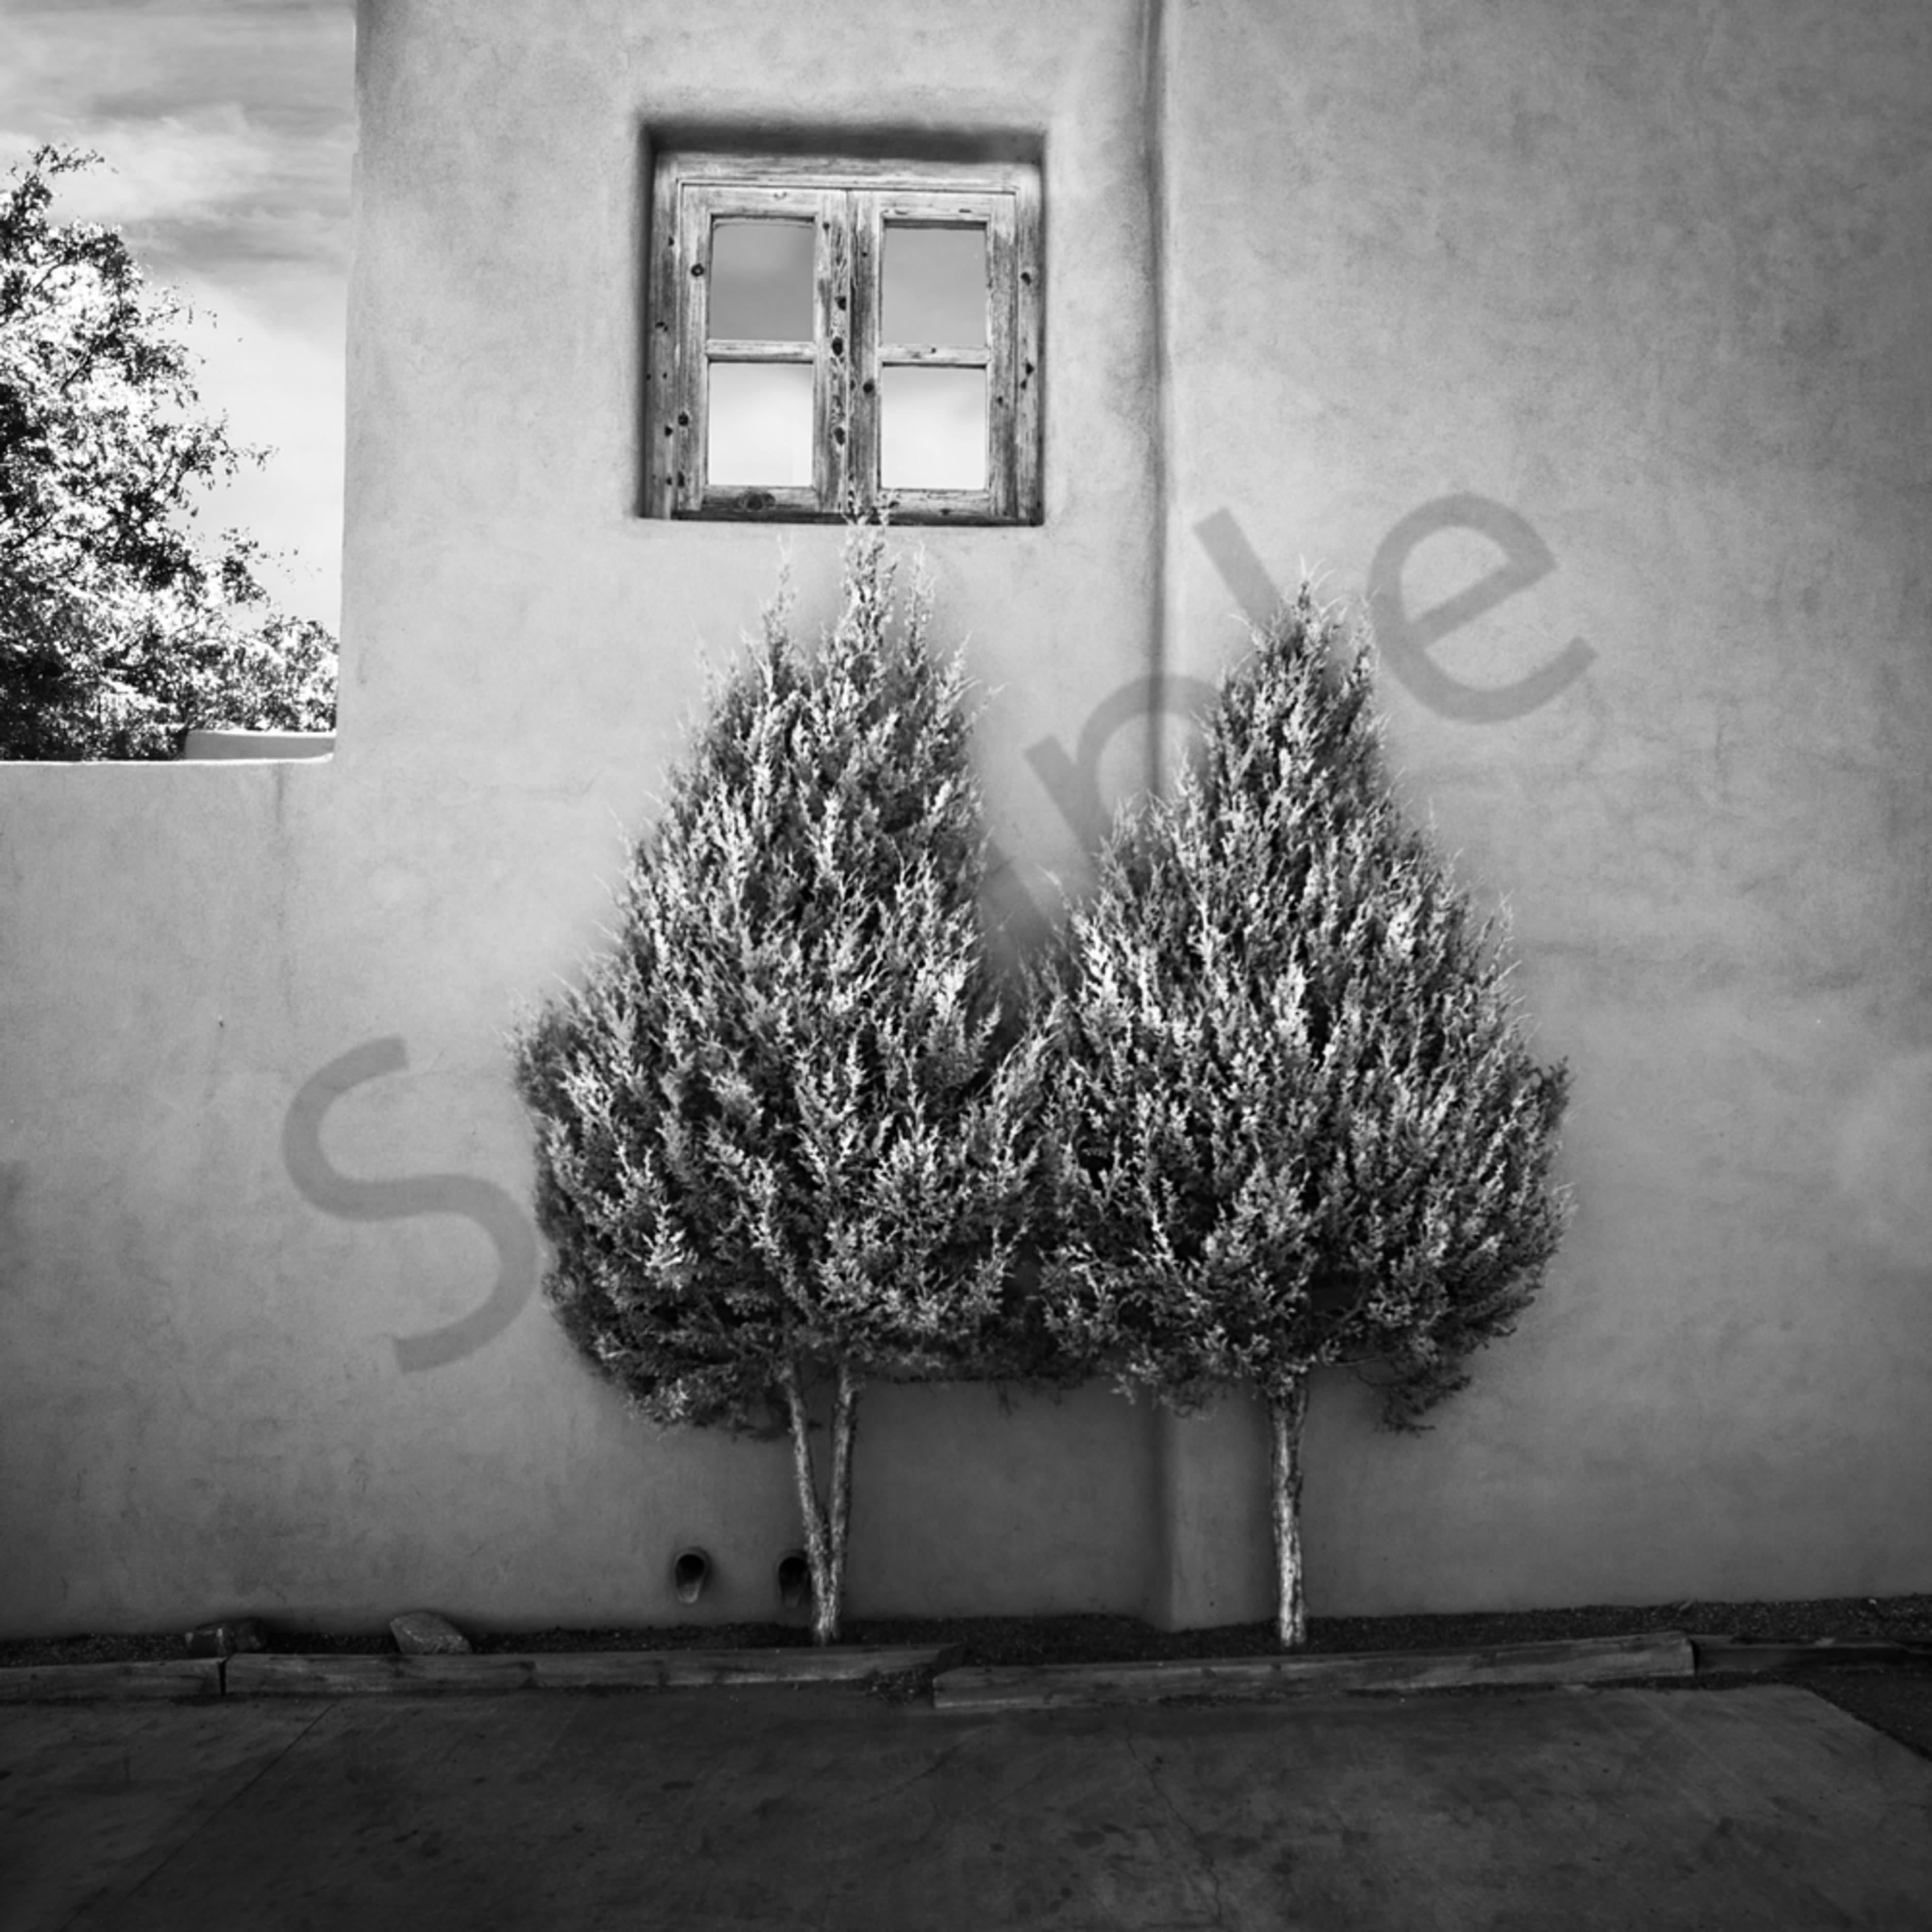 Pair trees etmeho